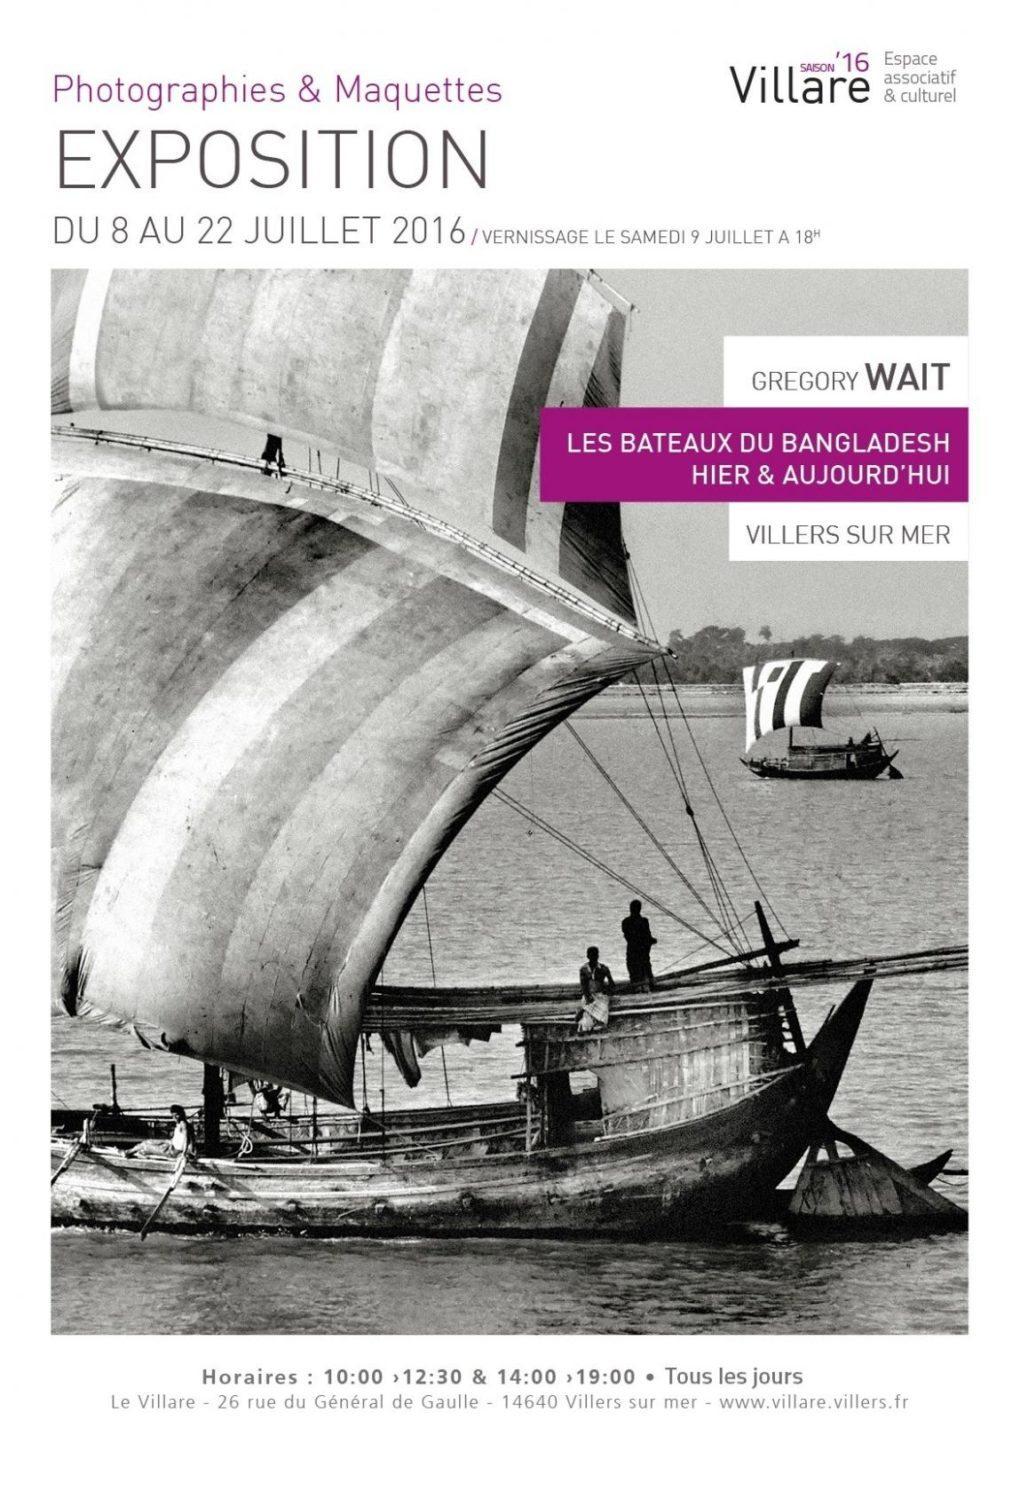 Les Bateaux du Bangladesh Hier et Aujourd'hui Villers-sur-Mer